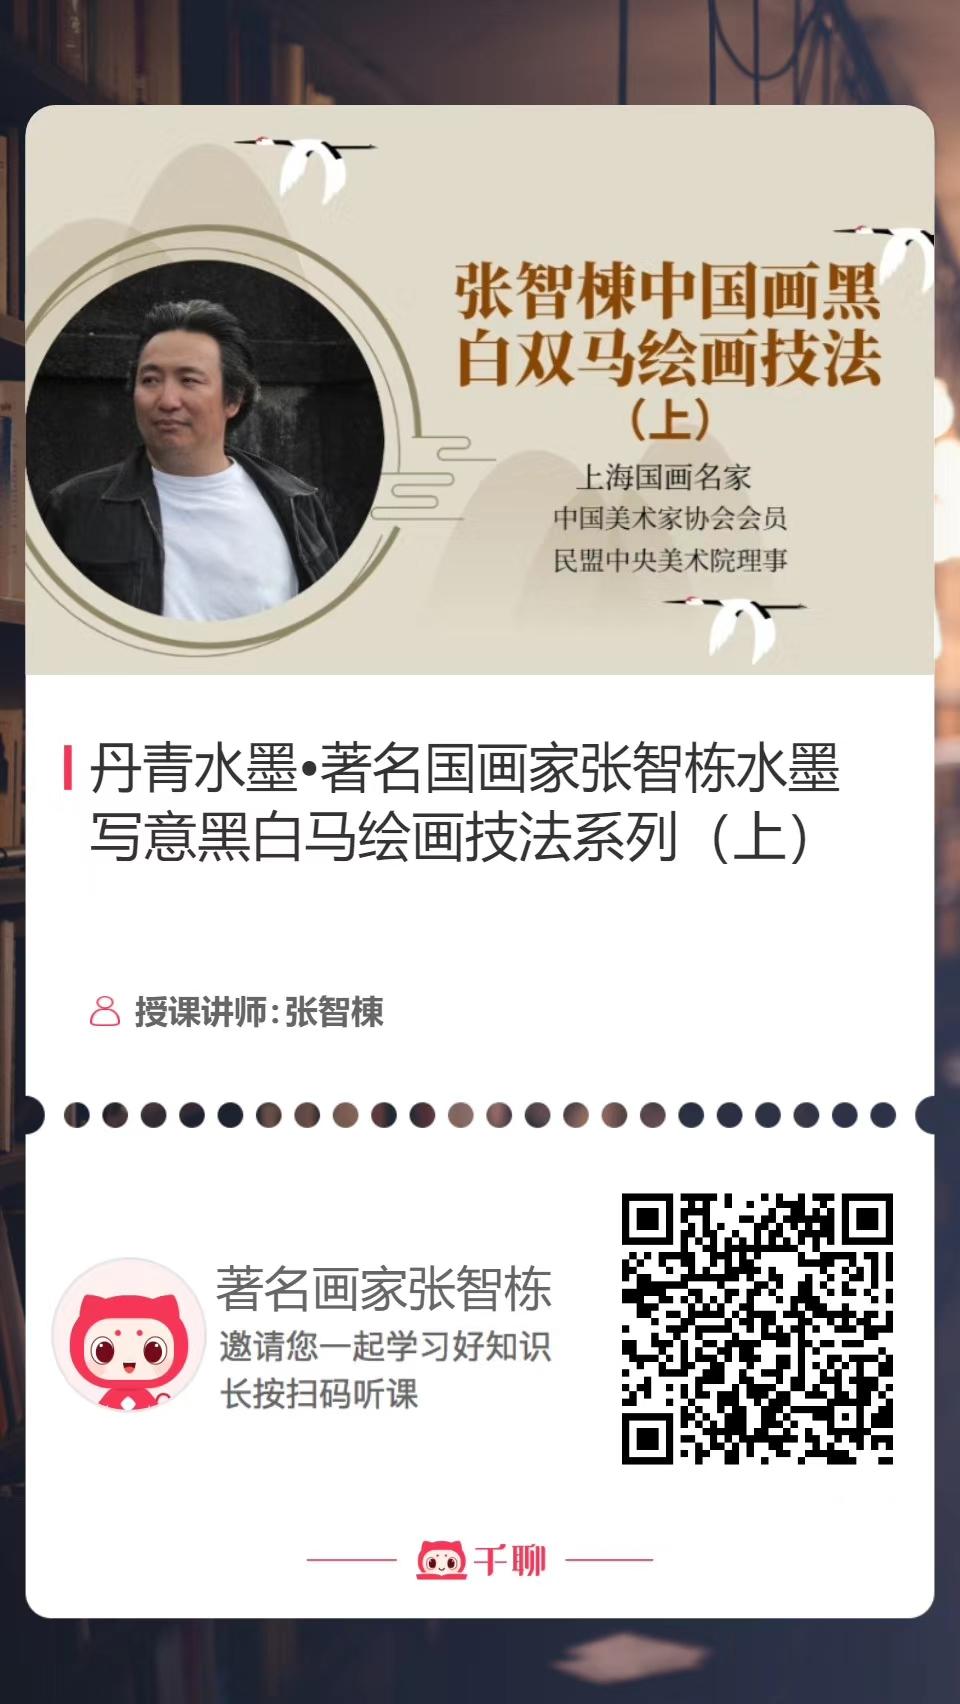 上海国画名家张智棟中国画黑白骏马千聊网上课程继续更新啦  